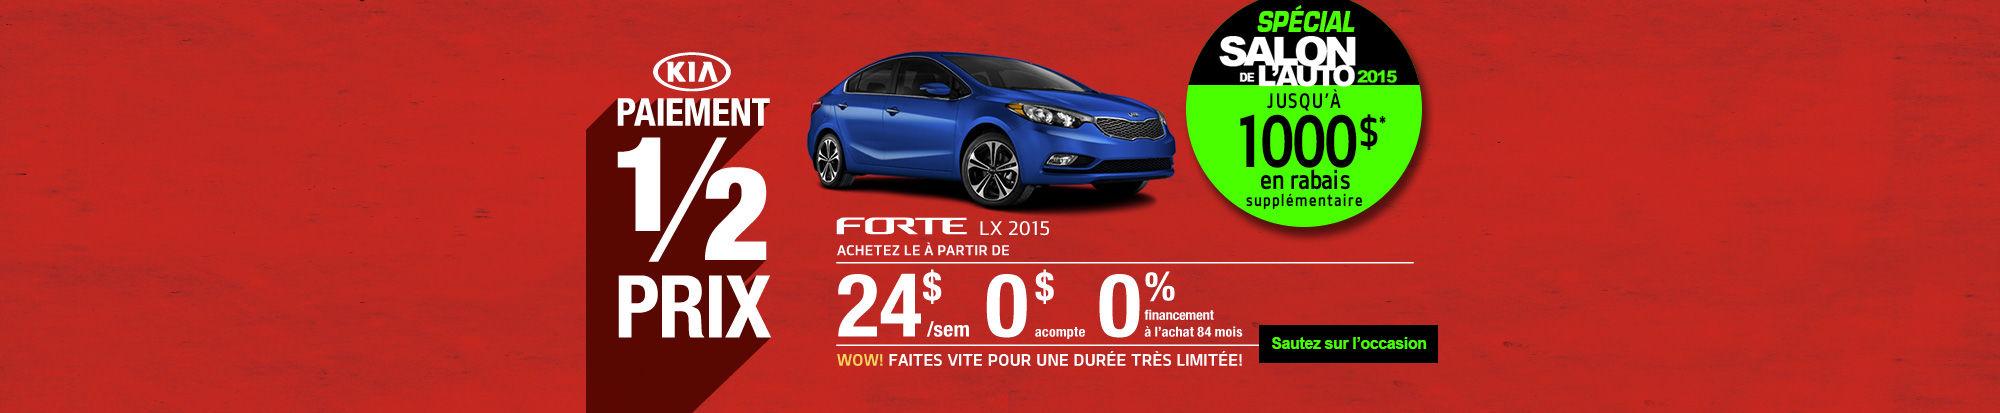 Forte 2015 Spécial Salon de l'auto